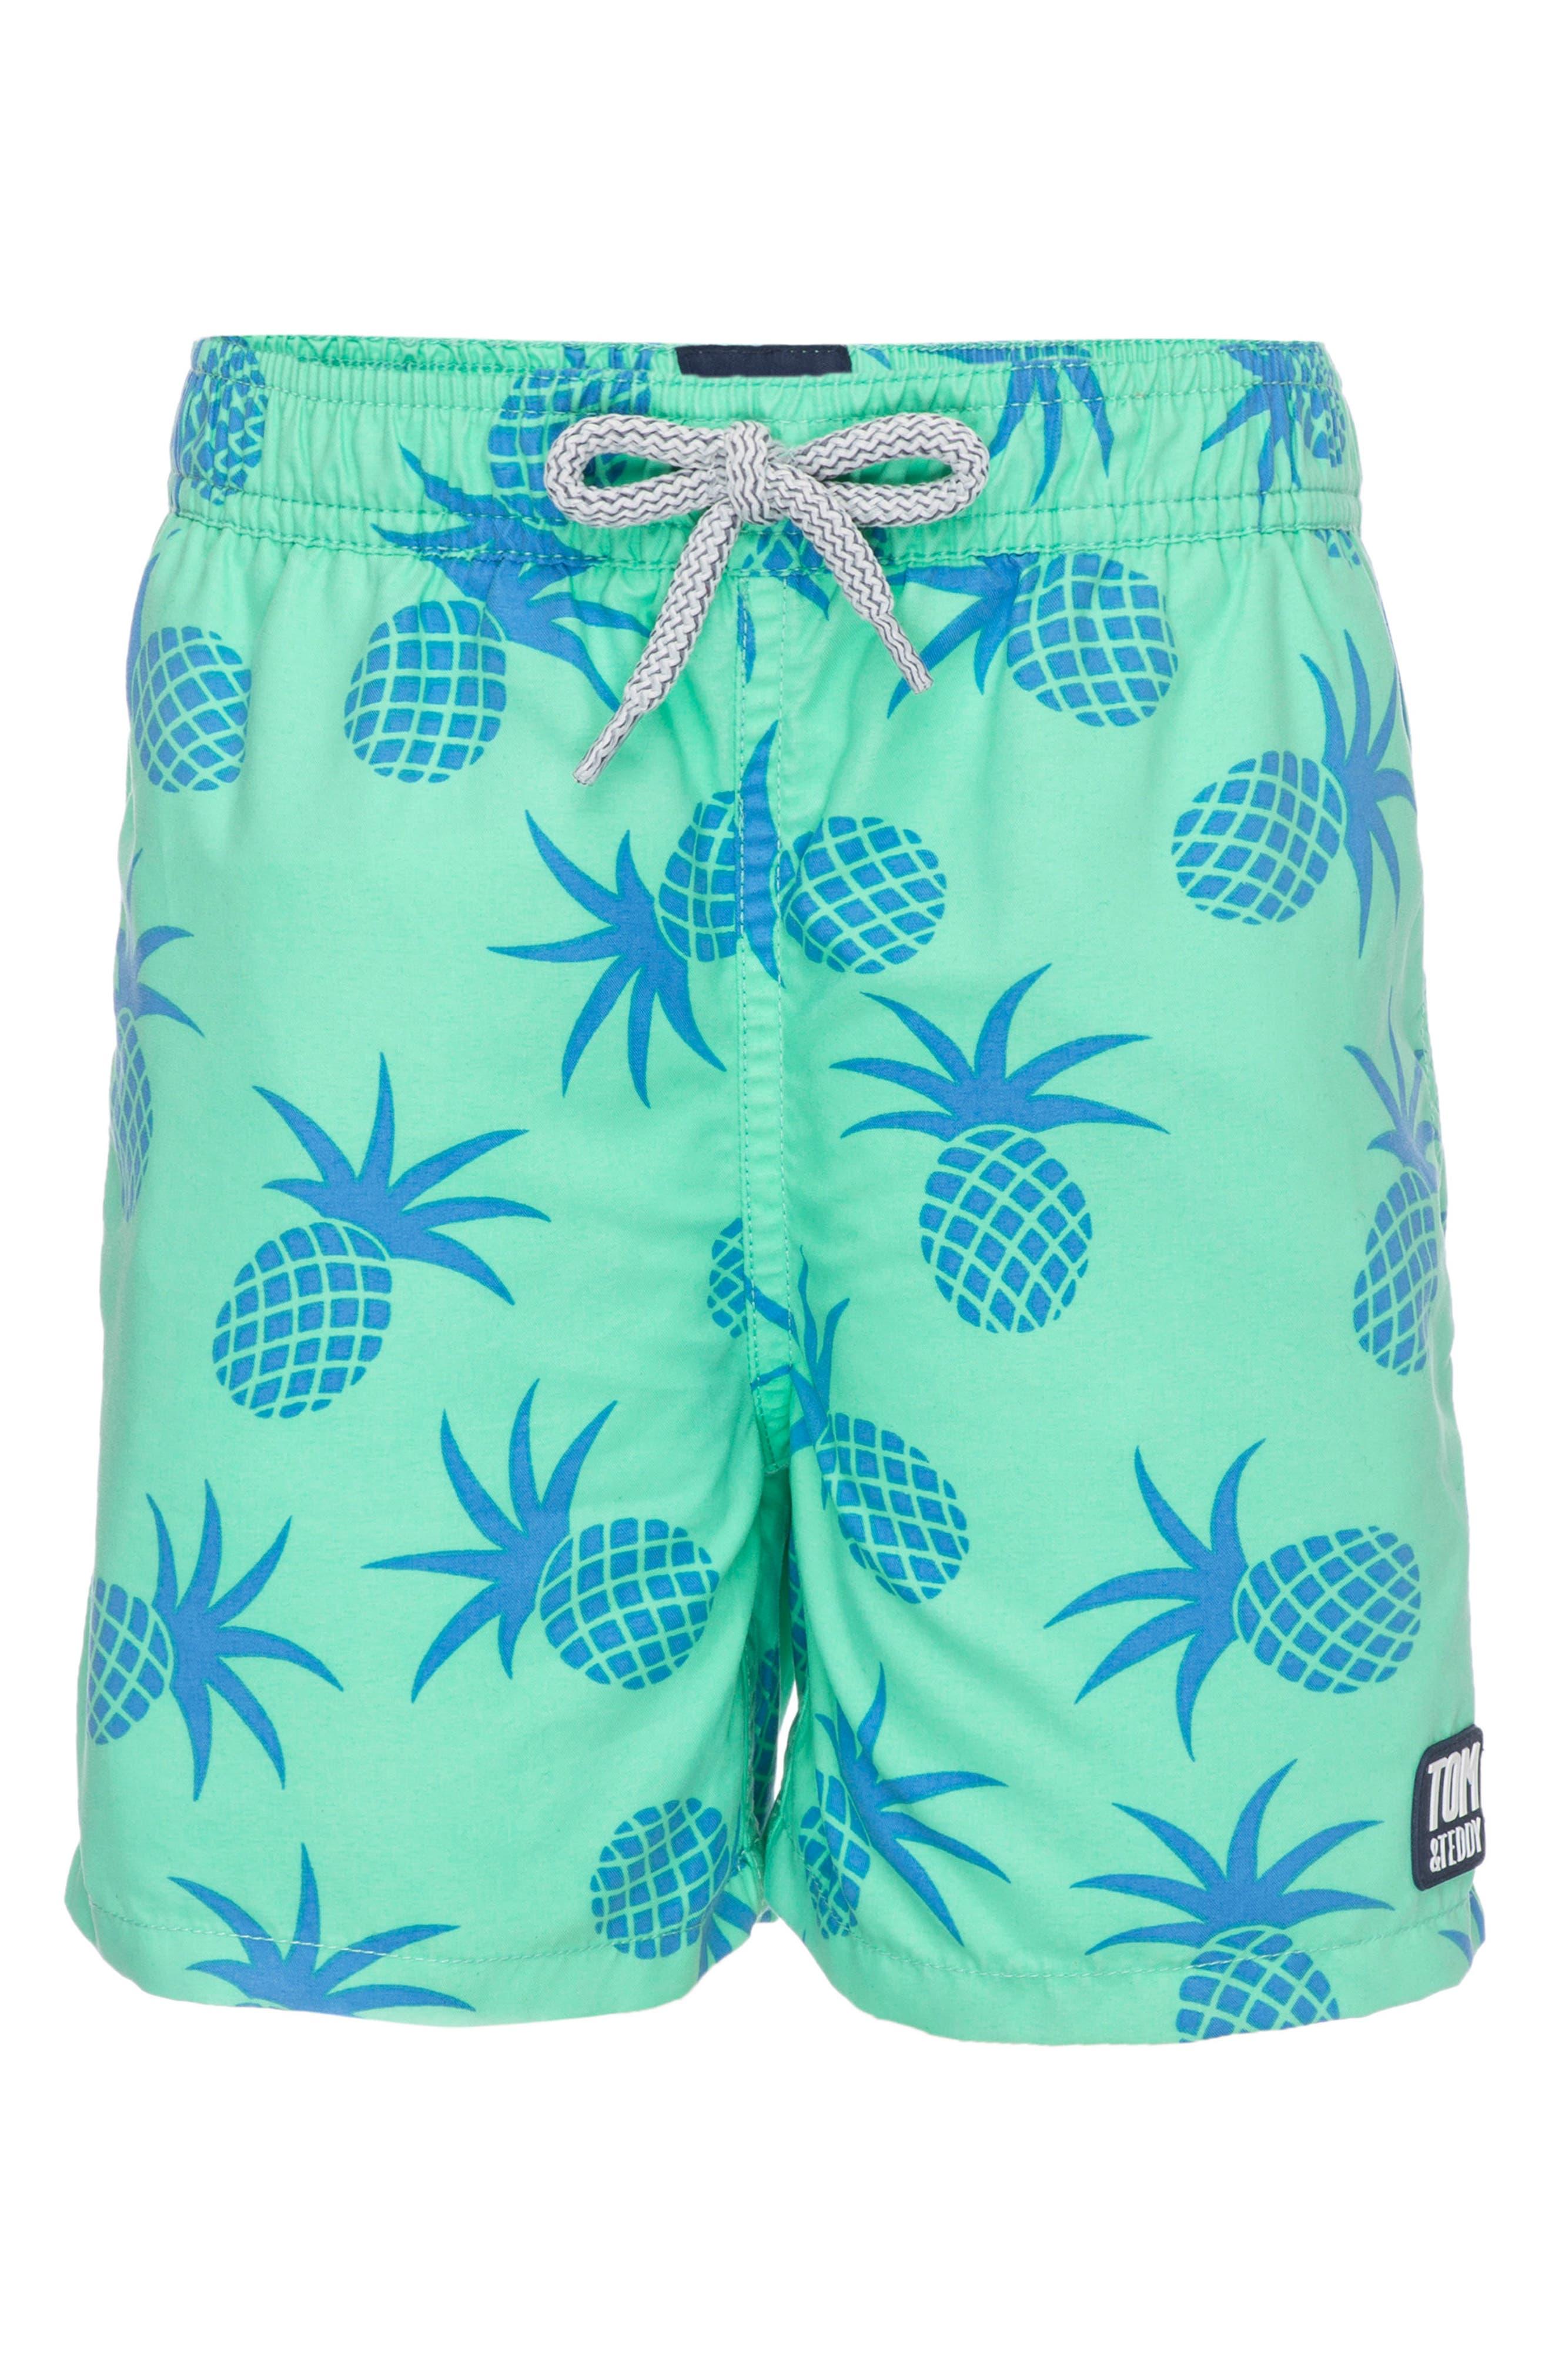 Alternate Image 1 Selected - Tom & Teddy Pineapple Swim Trunks (Toddler Boys, Little Boys & Big Boys)